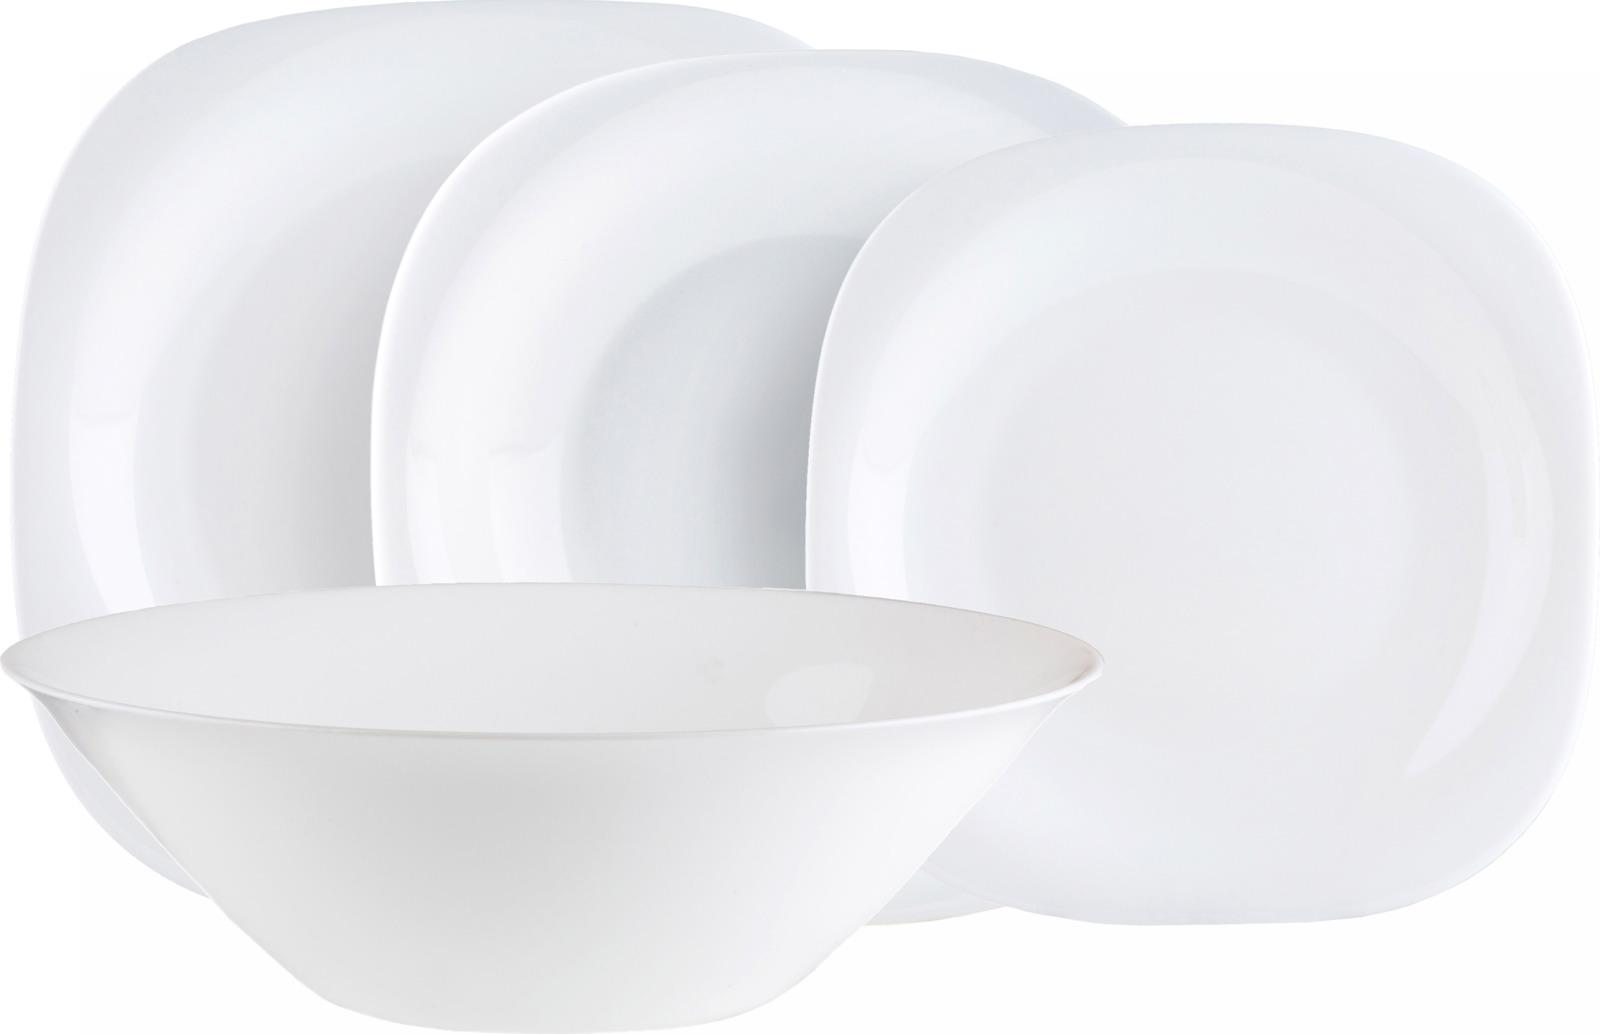 Набор столовой посуды Luminarc Карин, N2185, белый набор столовой посуды luminarc нью карин n2955 белый черный